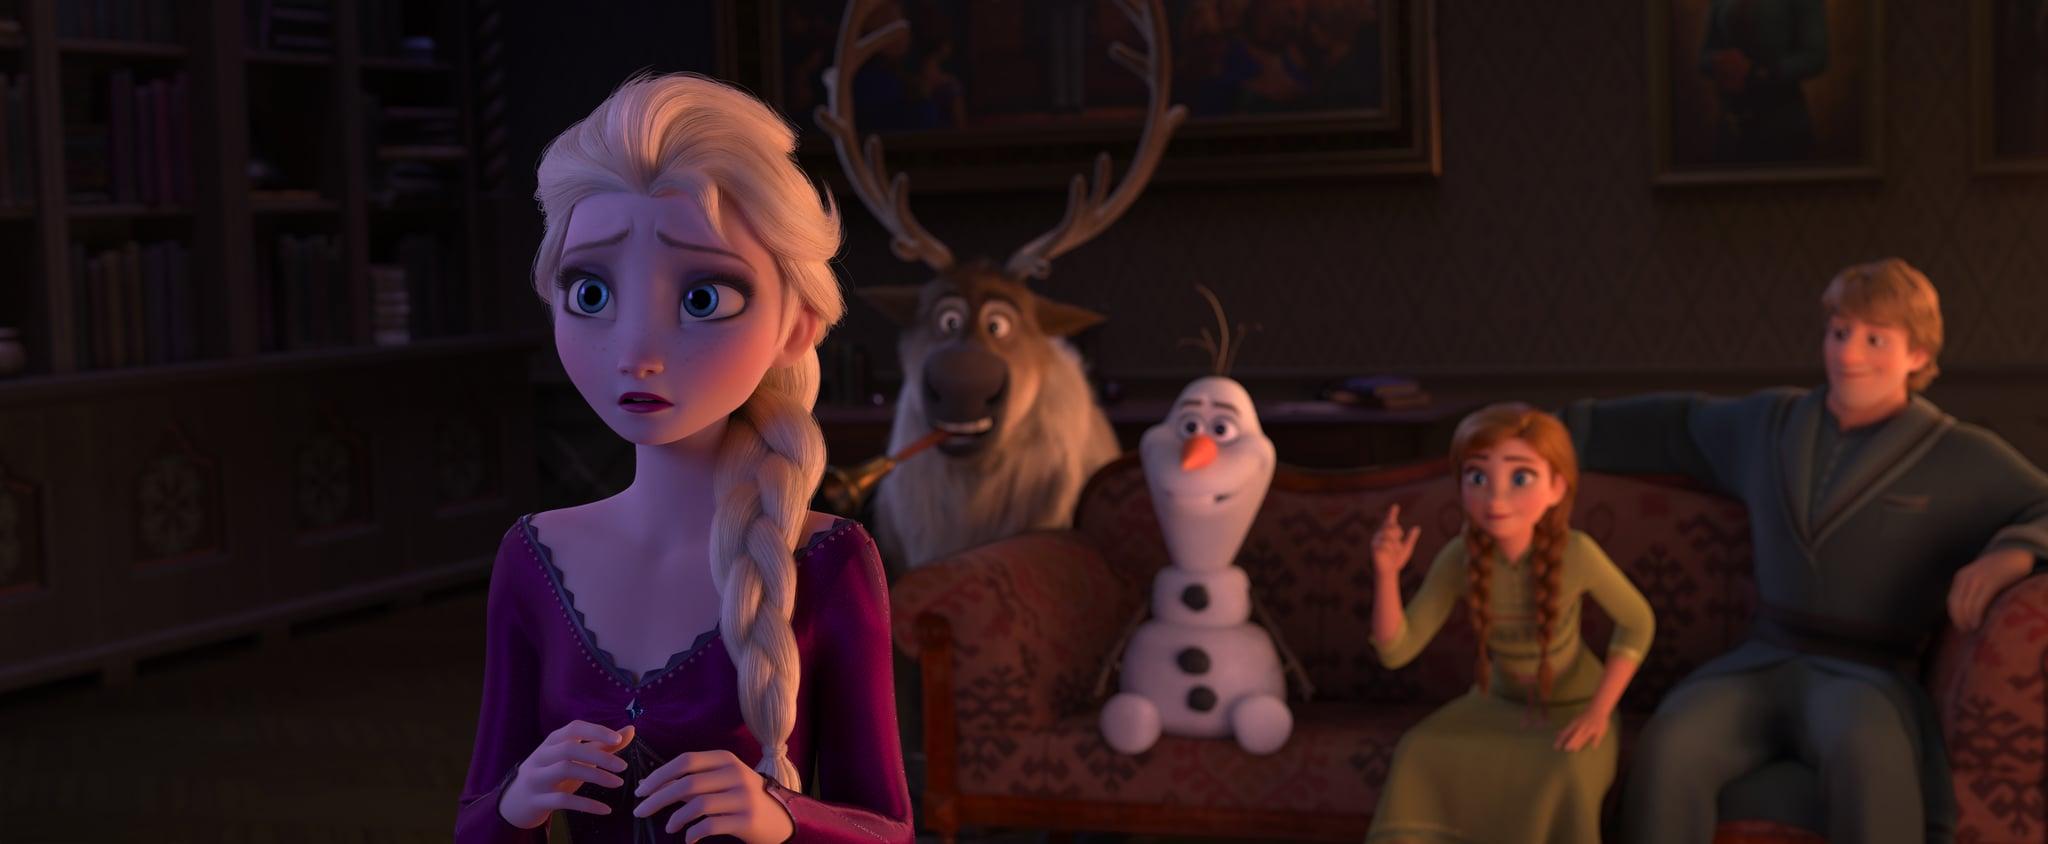 What Parents Should Know About Frozen 2   Parents' Guide